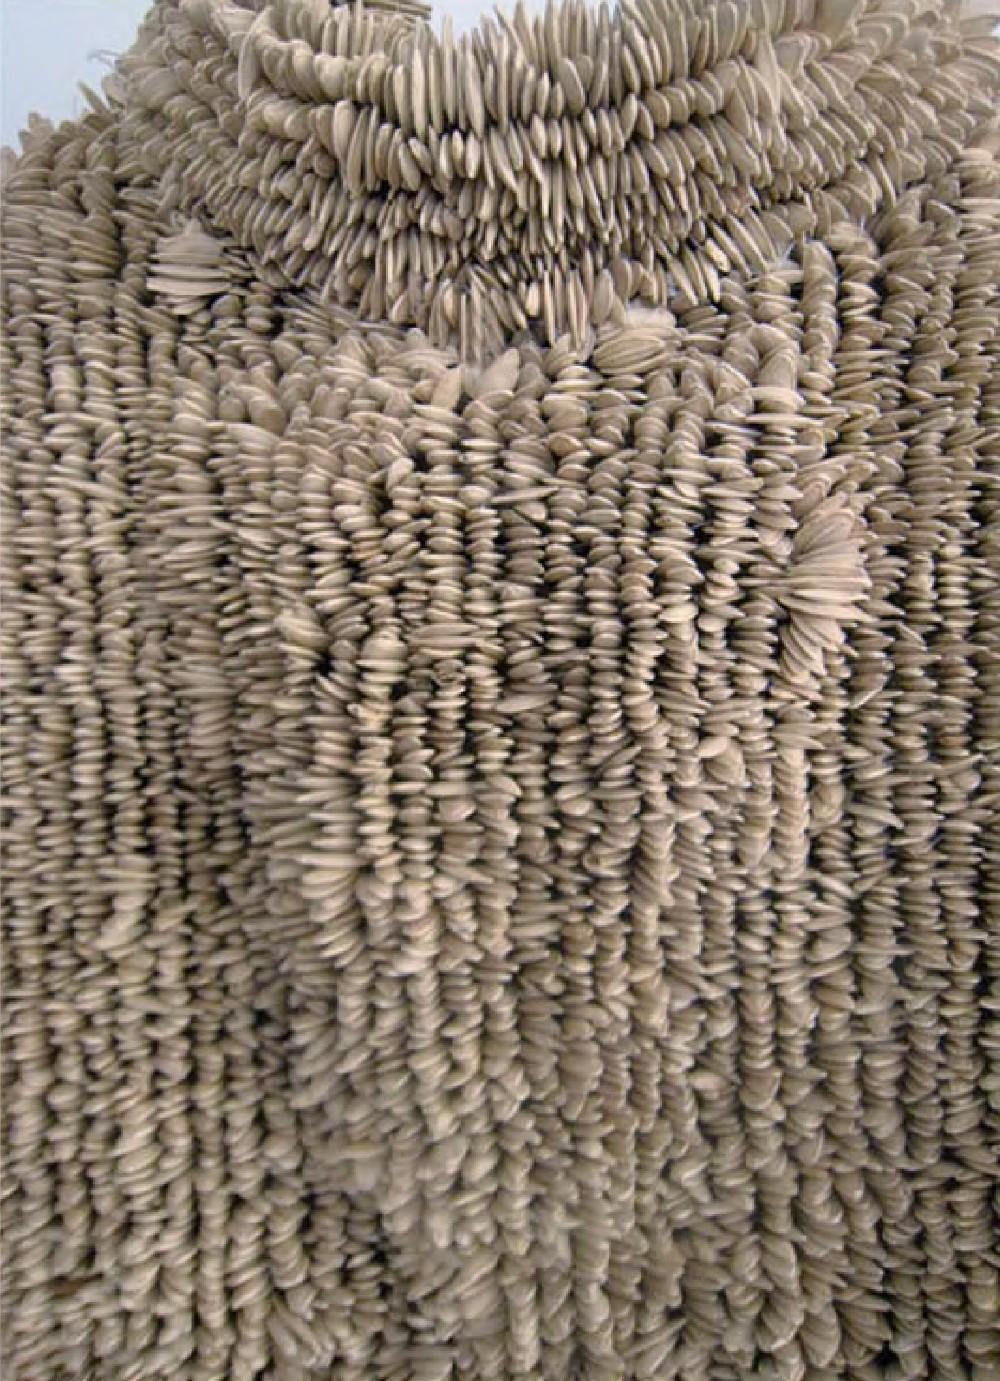 Xawery Wolski, Sukienka, 2009, nasiona dyni, tkanina nylonowa, 166x53x14 cm, detal, materiały udostępnione przez Galerię Bielską